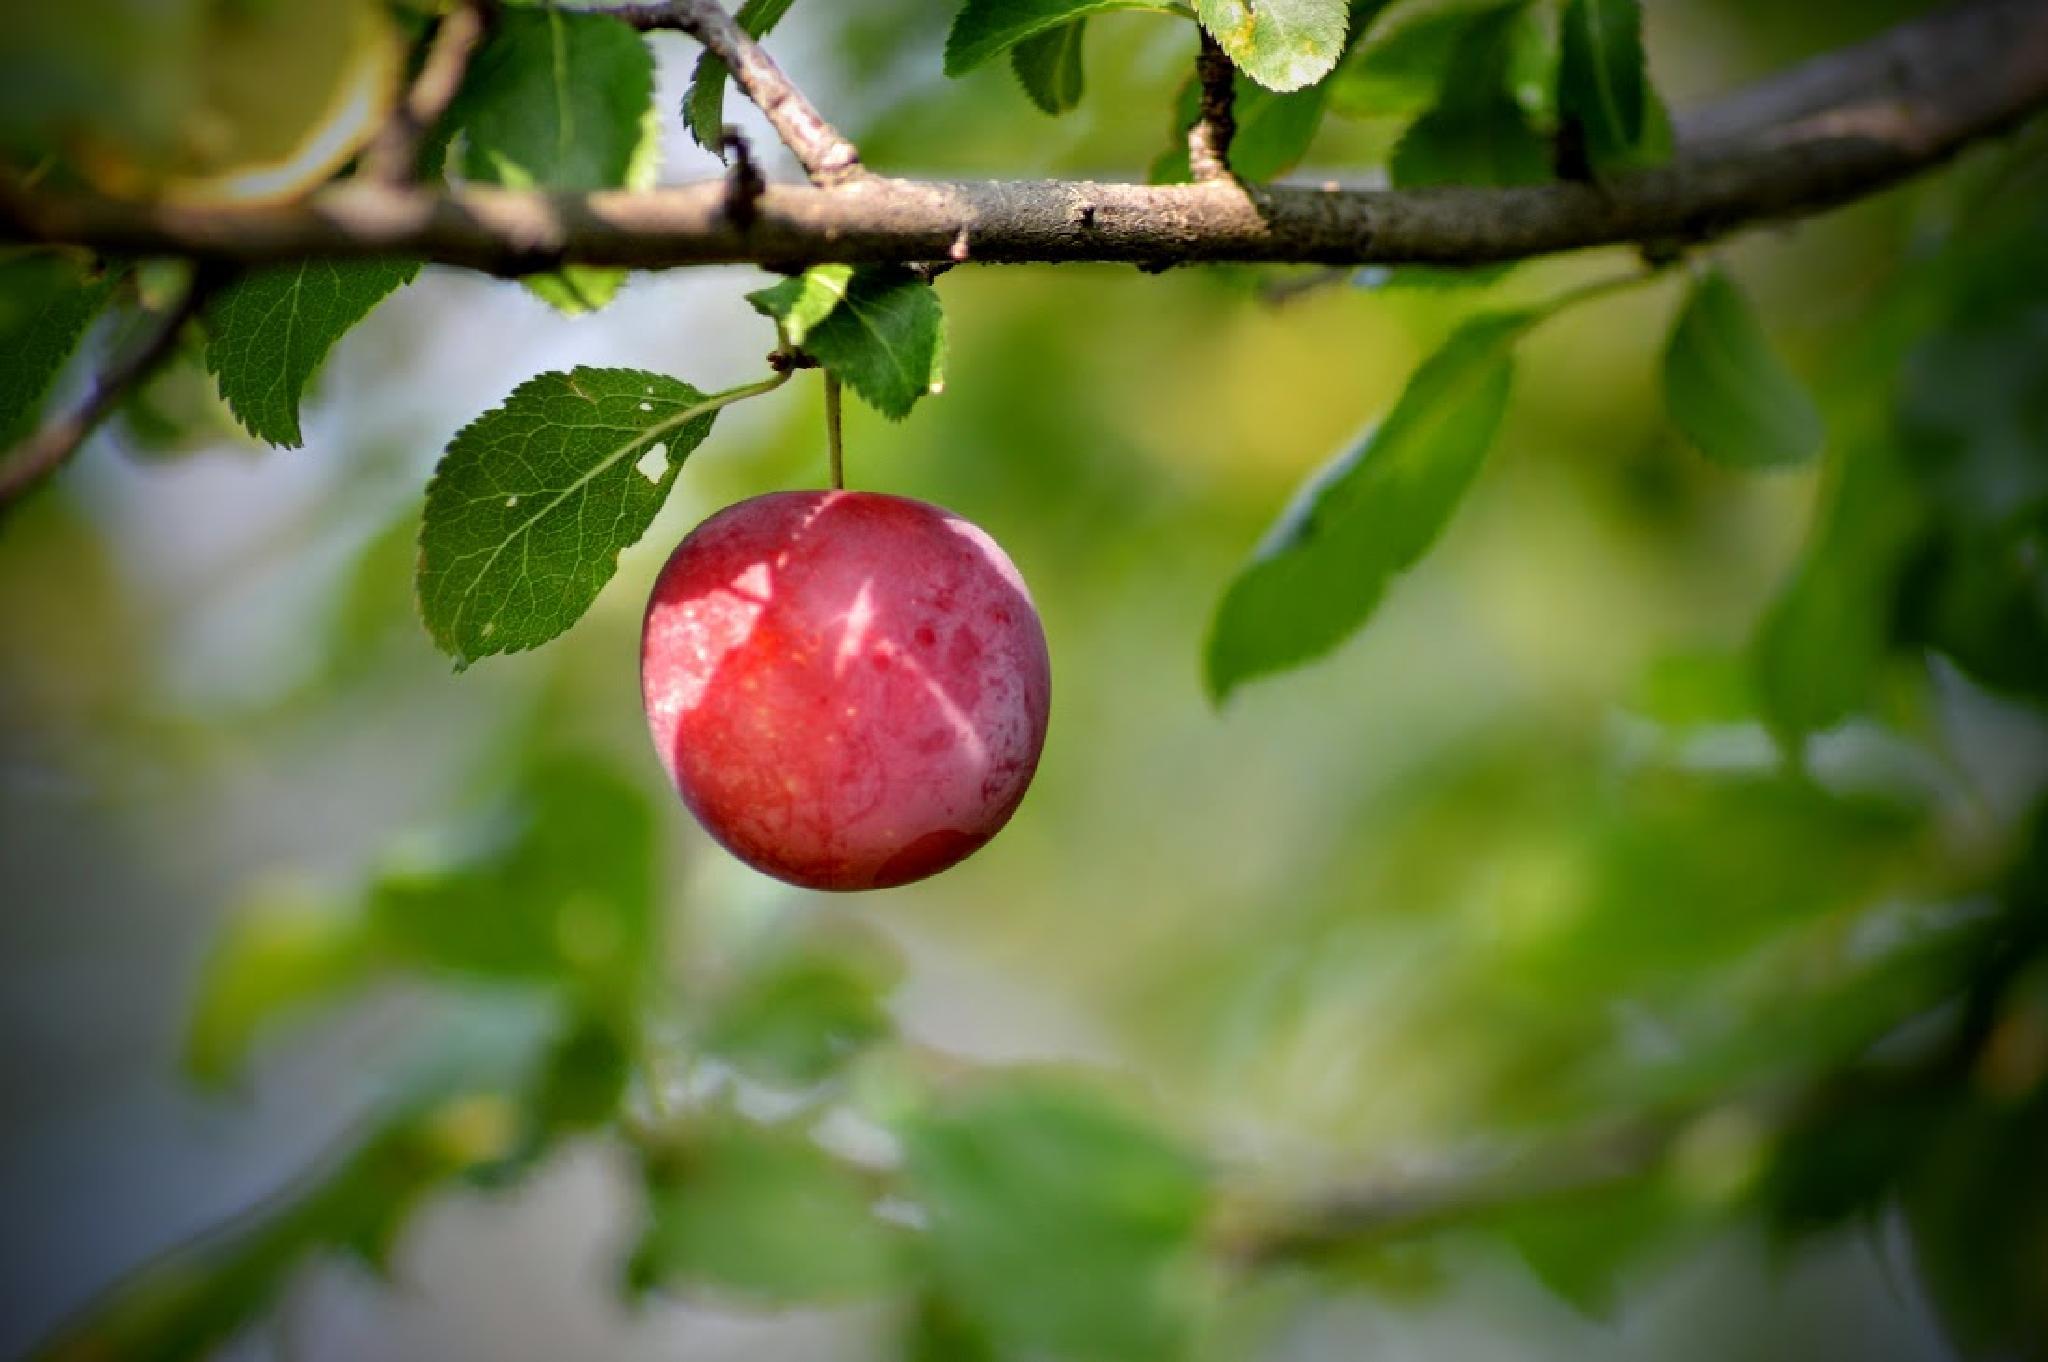 fruit by samu